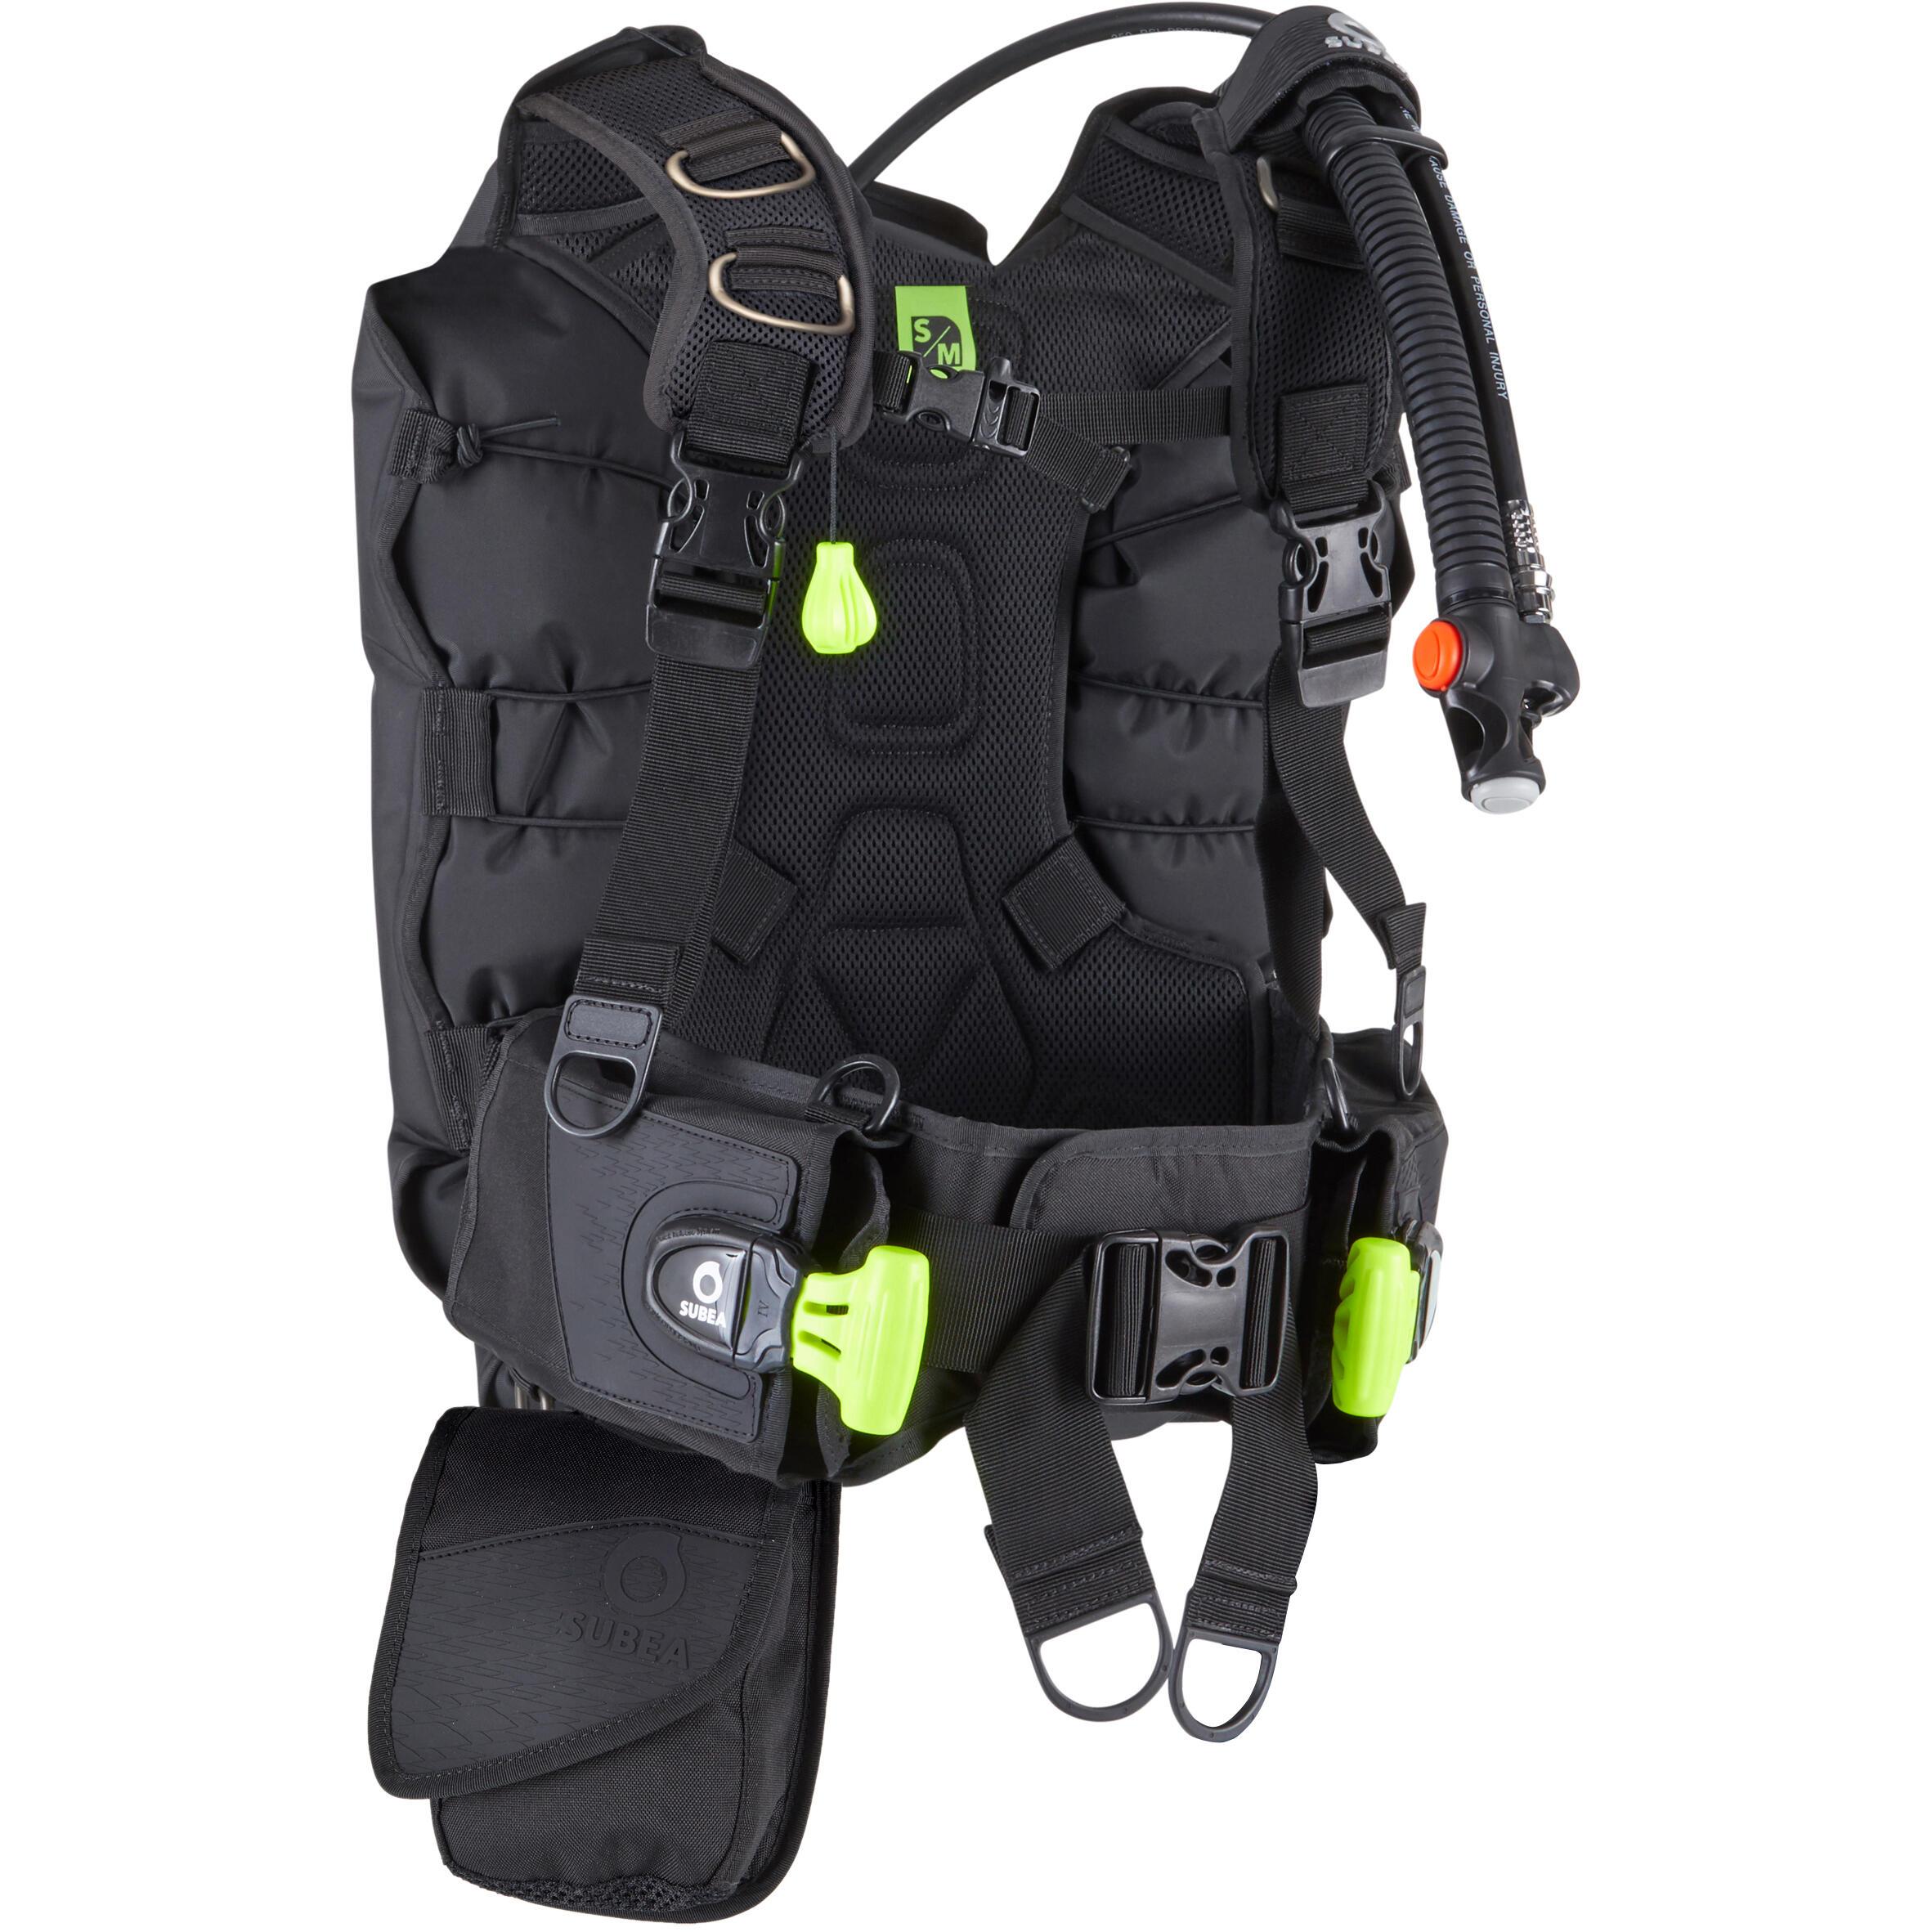 Tarierweste Tauchen SCD 500B mit Rückenauftrieb / BACK INFLATE BCD | Sportbekleidung > Sportwesten > Funktionswesten | Subea